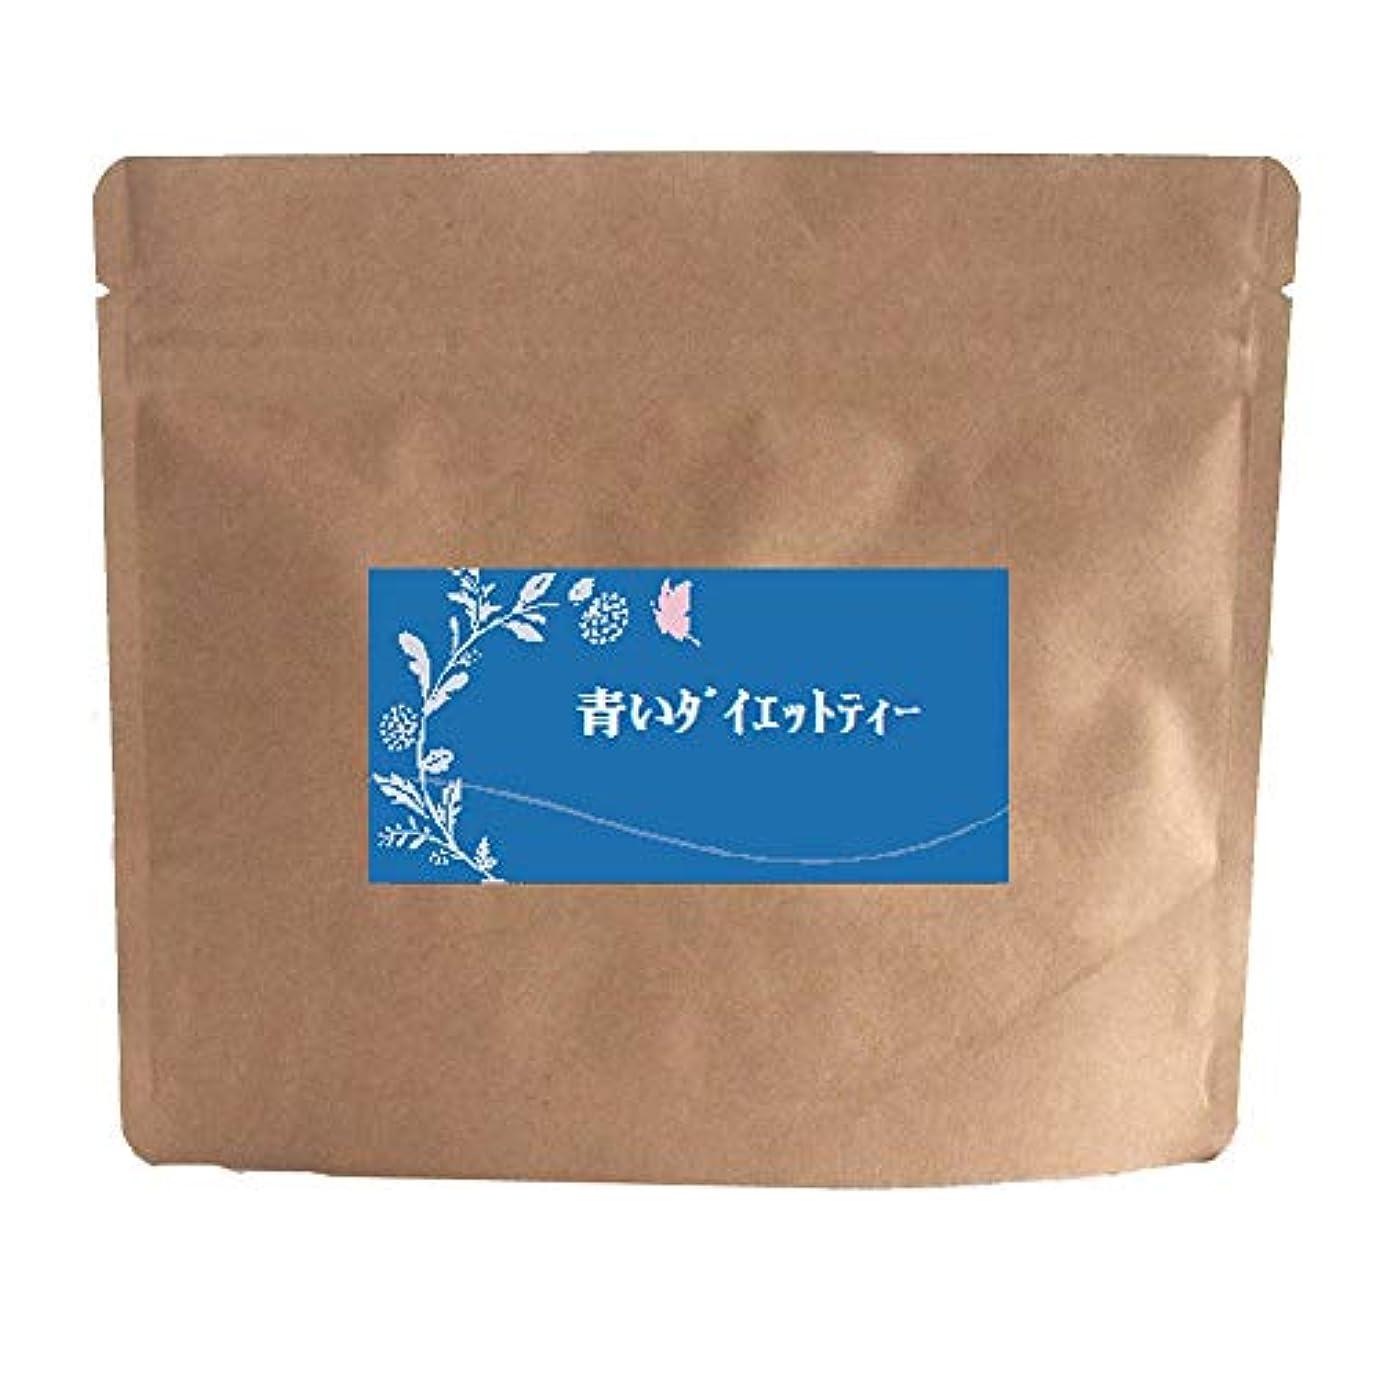 速度ドラフト感嘆符青いダイエットティー312g バタフライピー 難消化性デキストリン ダイエットドリンク 粉末 パウダー